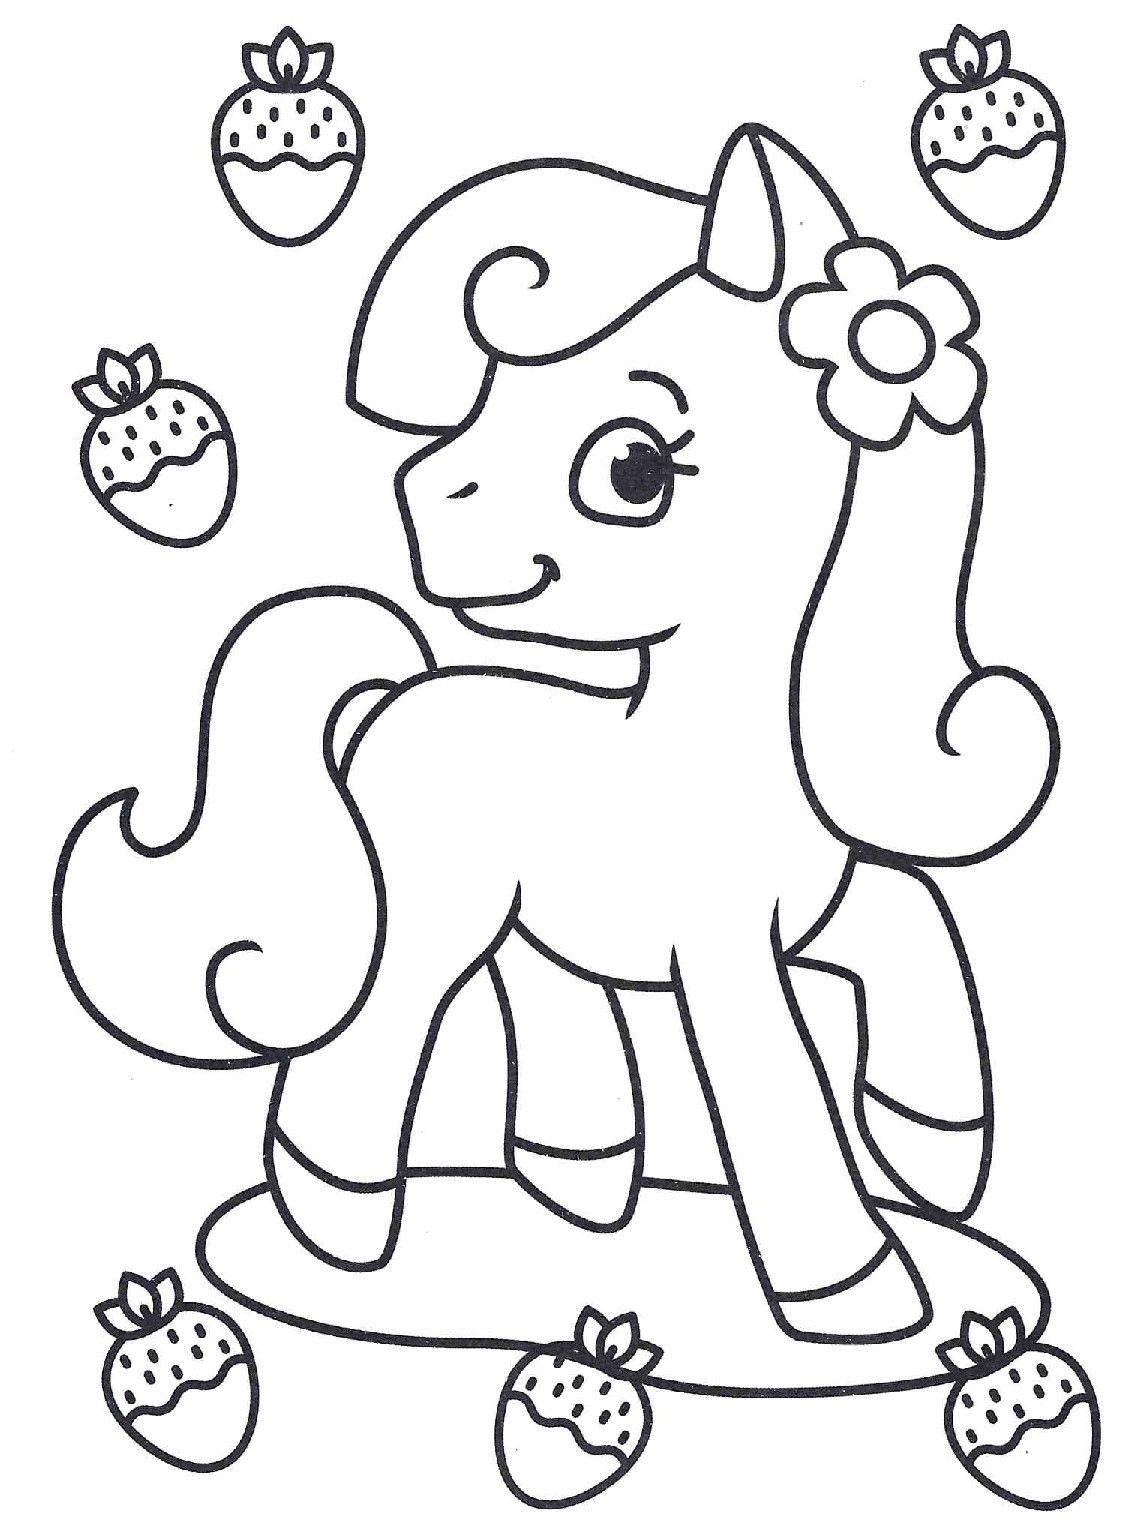 Раскраски «Для девочек» - «Пони и клубника»